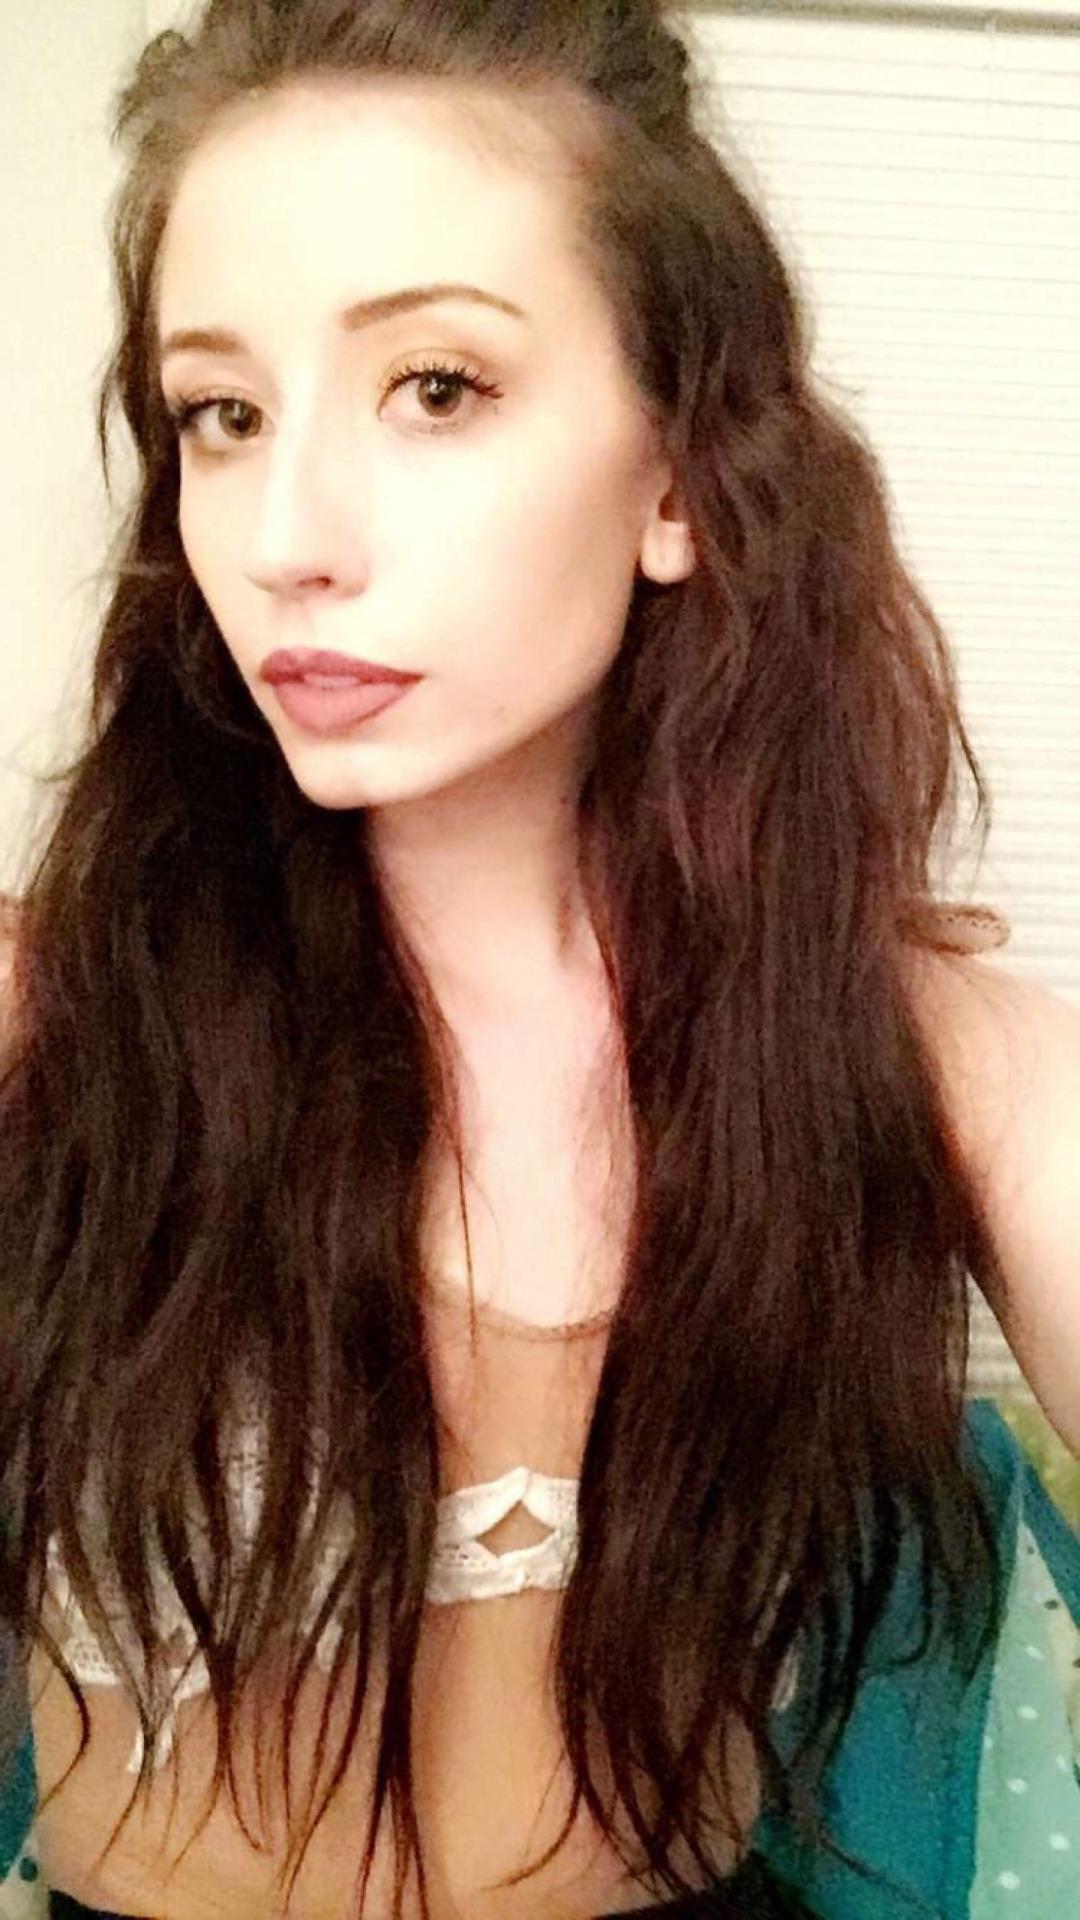 photo cam sexy avec fille hot du 22